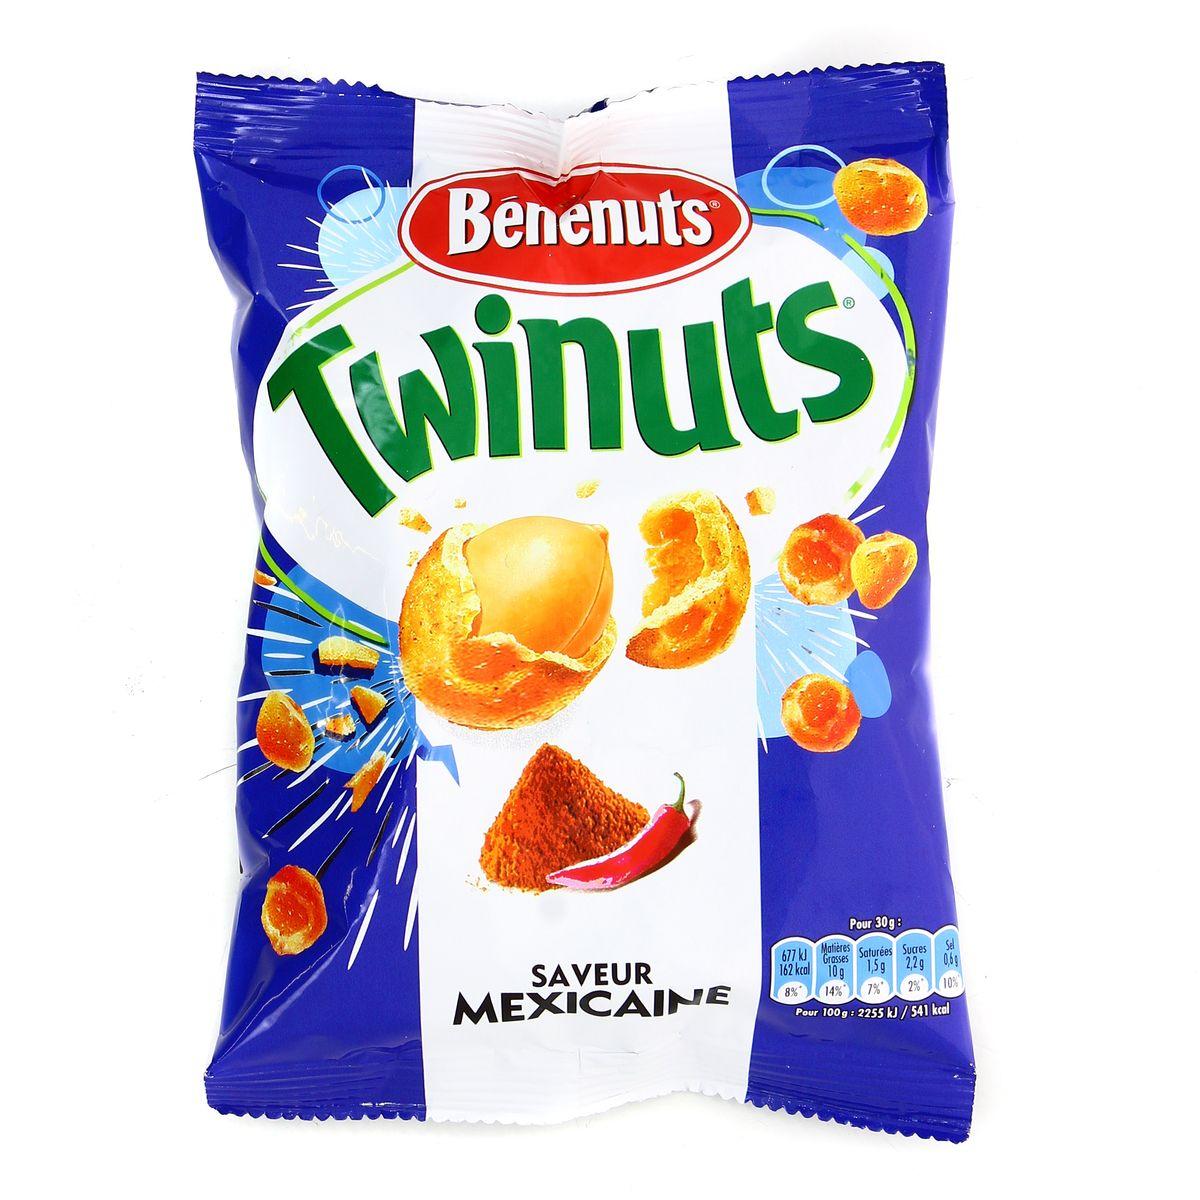 Livraison à domicile Benenuts Twinuts saveur mexicaine, 10g